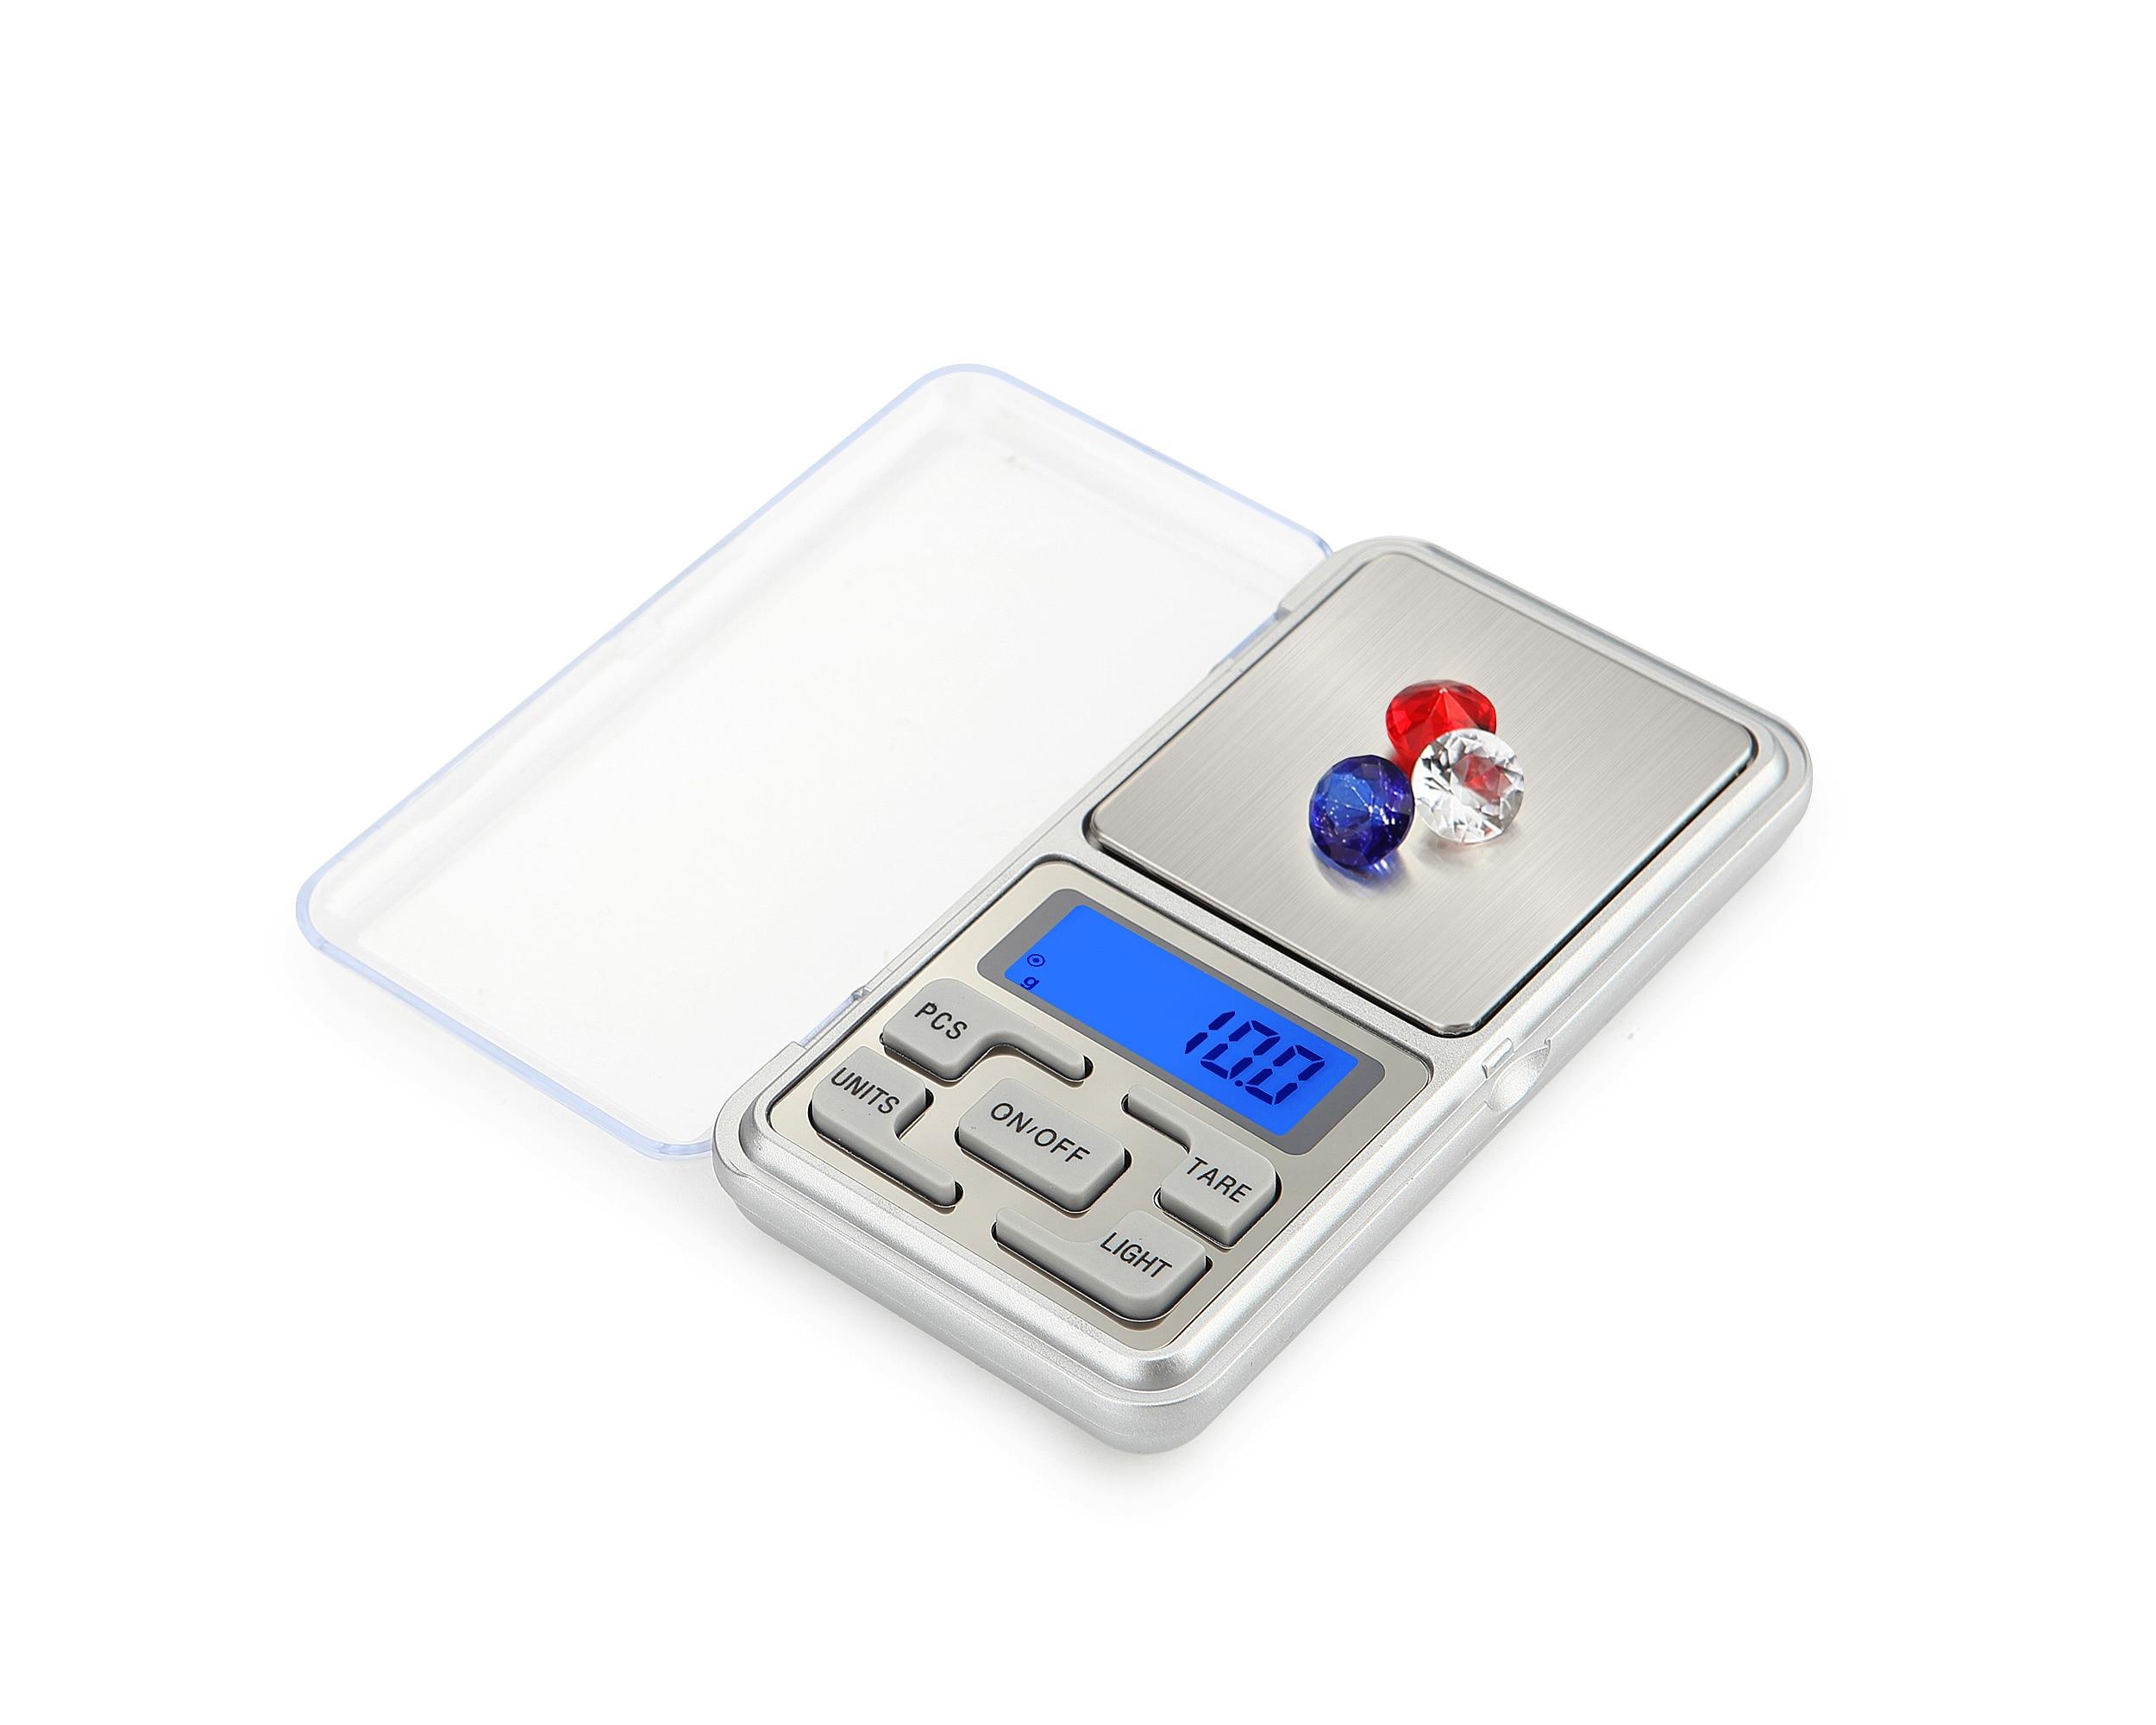 100/200/500g mini balança de cozinha precisão eletrônico digital jóias balança bolso bolo cozinhar acessórios cozinha d30